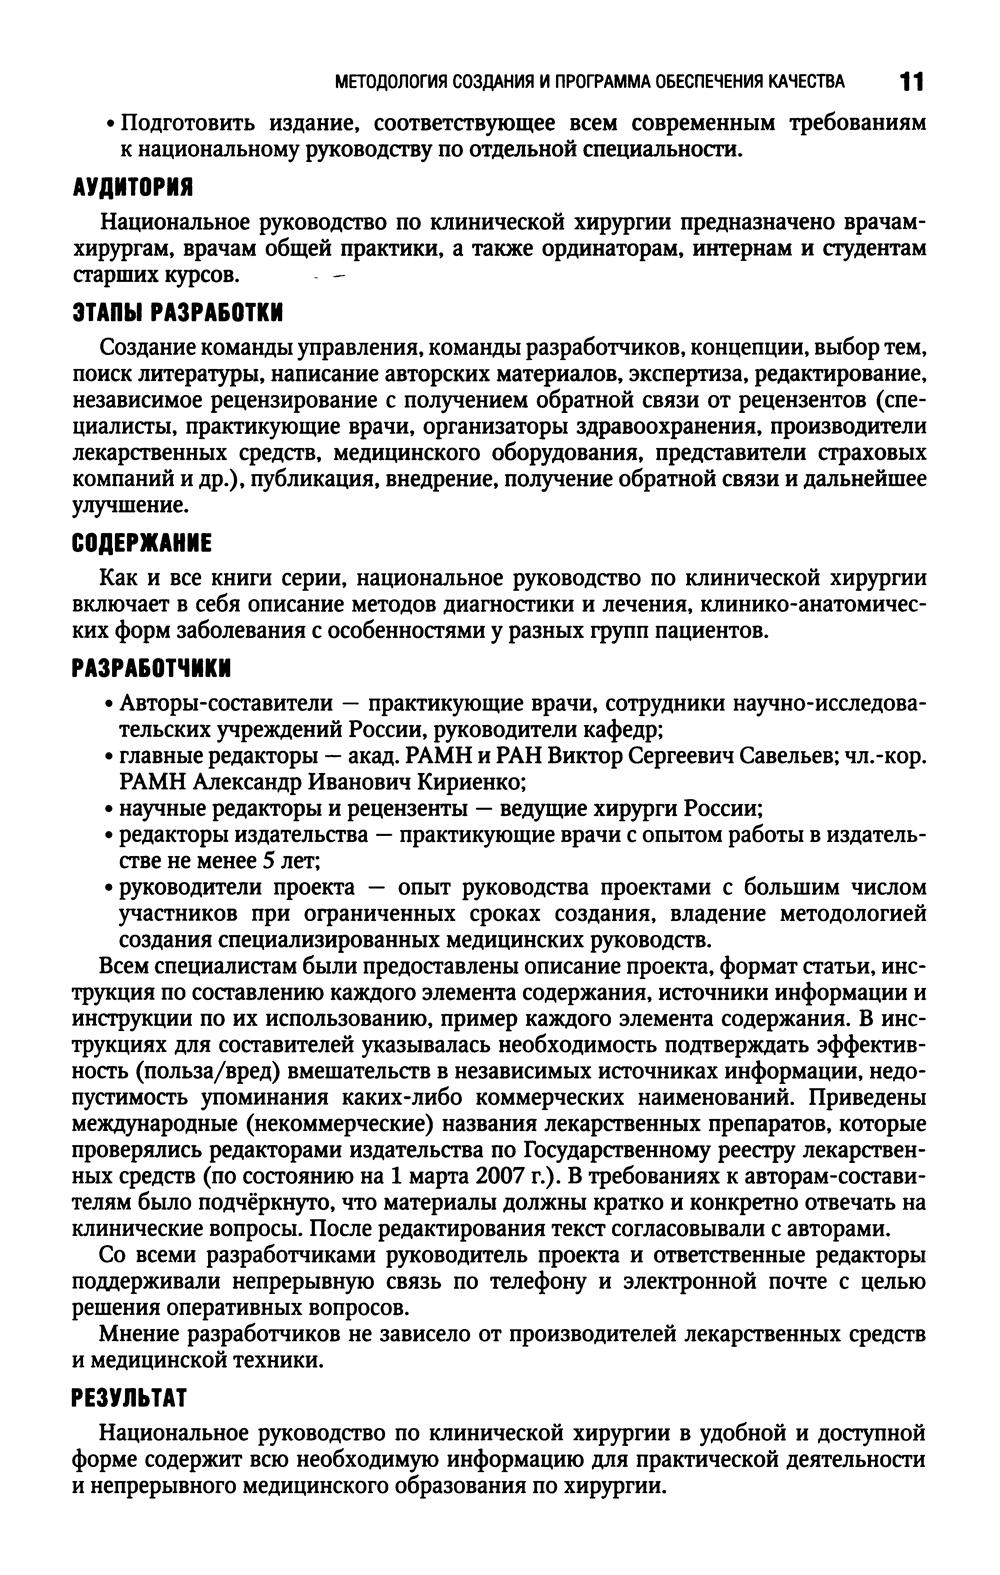 http://ipic.su/img/img7/fs/p0012.1591284394.jpg